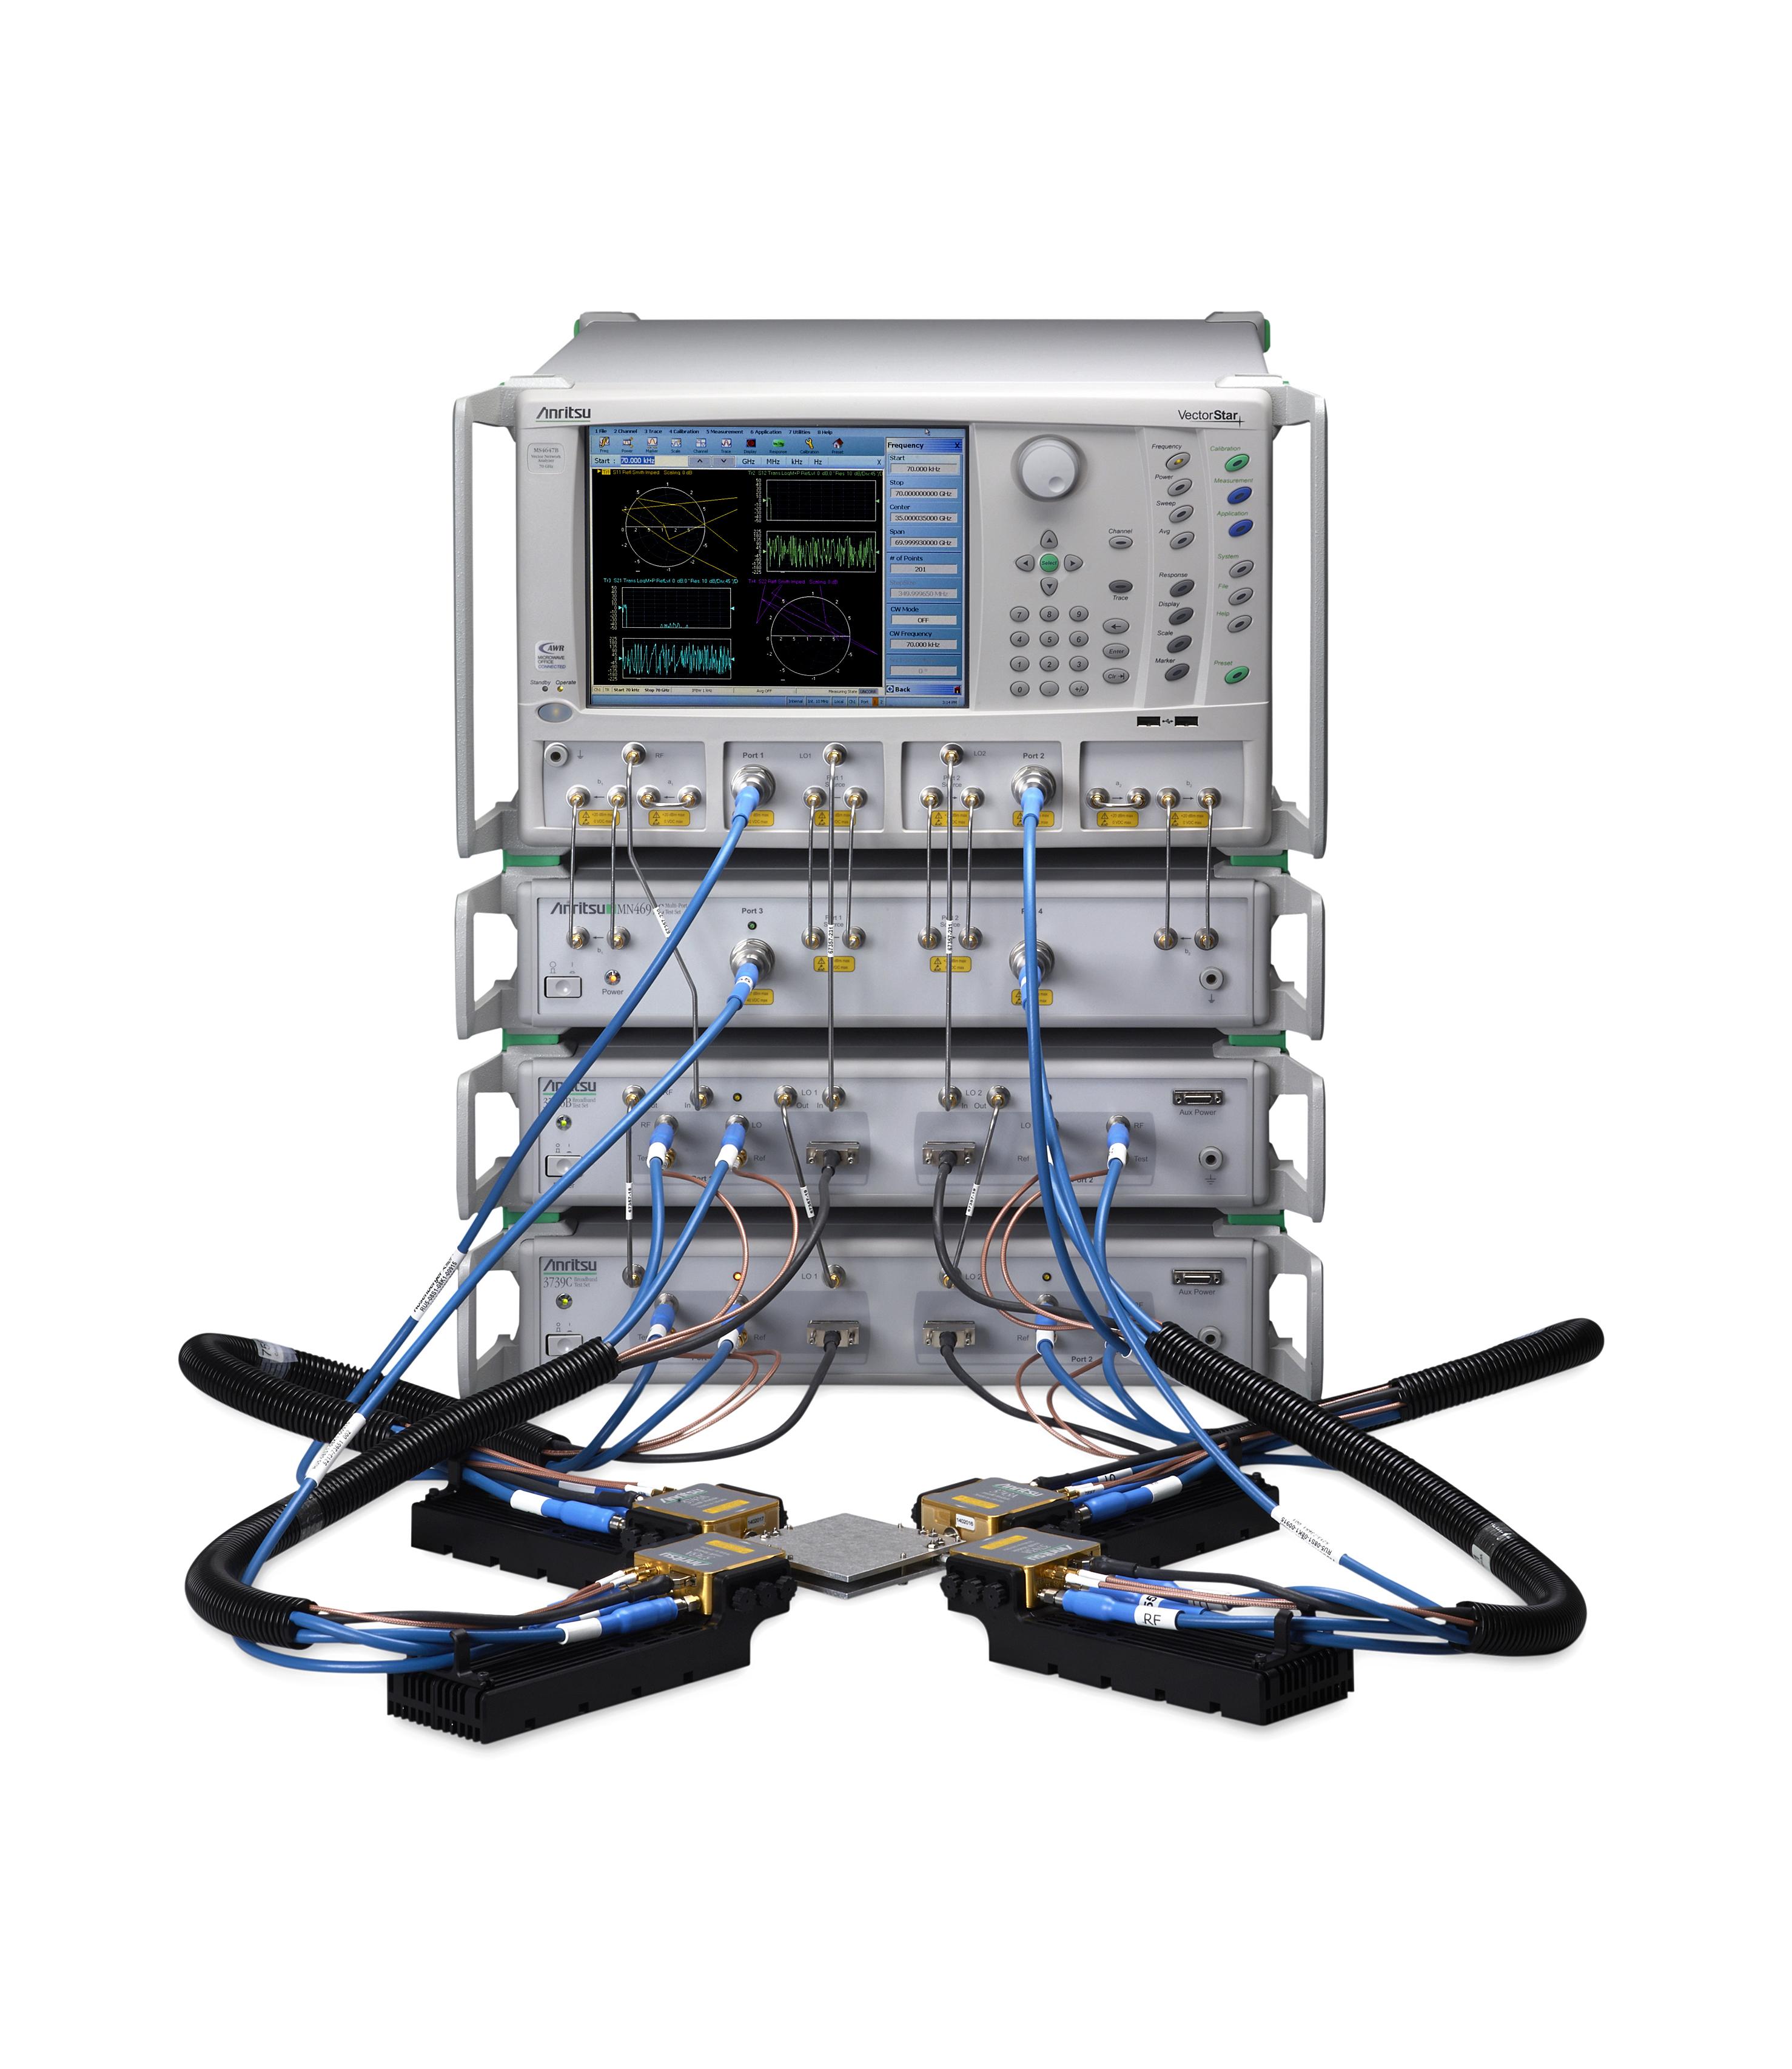 安立公司推出业内频率范围最宽(从 70 kHz 到 110 GHz)的 4 端口宽频 VNA 系统